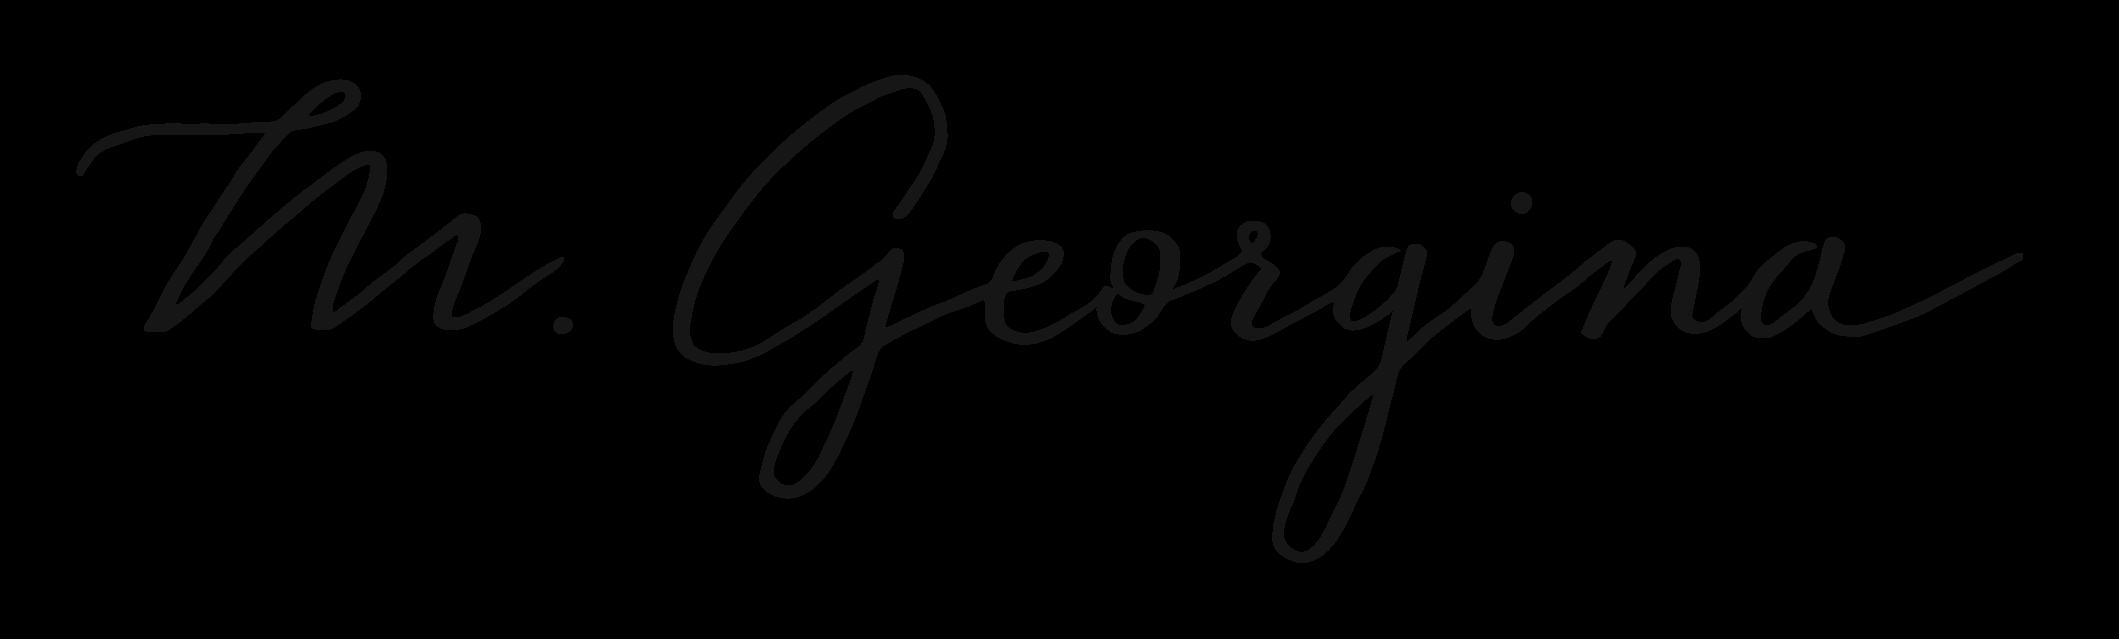 MGeorgina-Logos-black.png